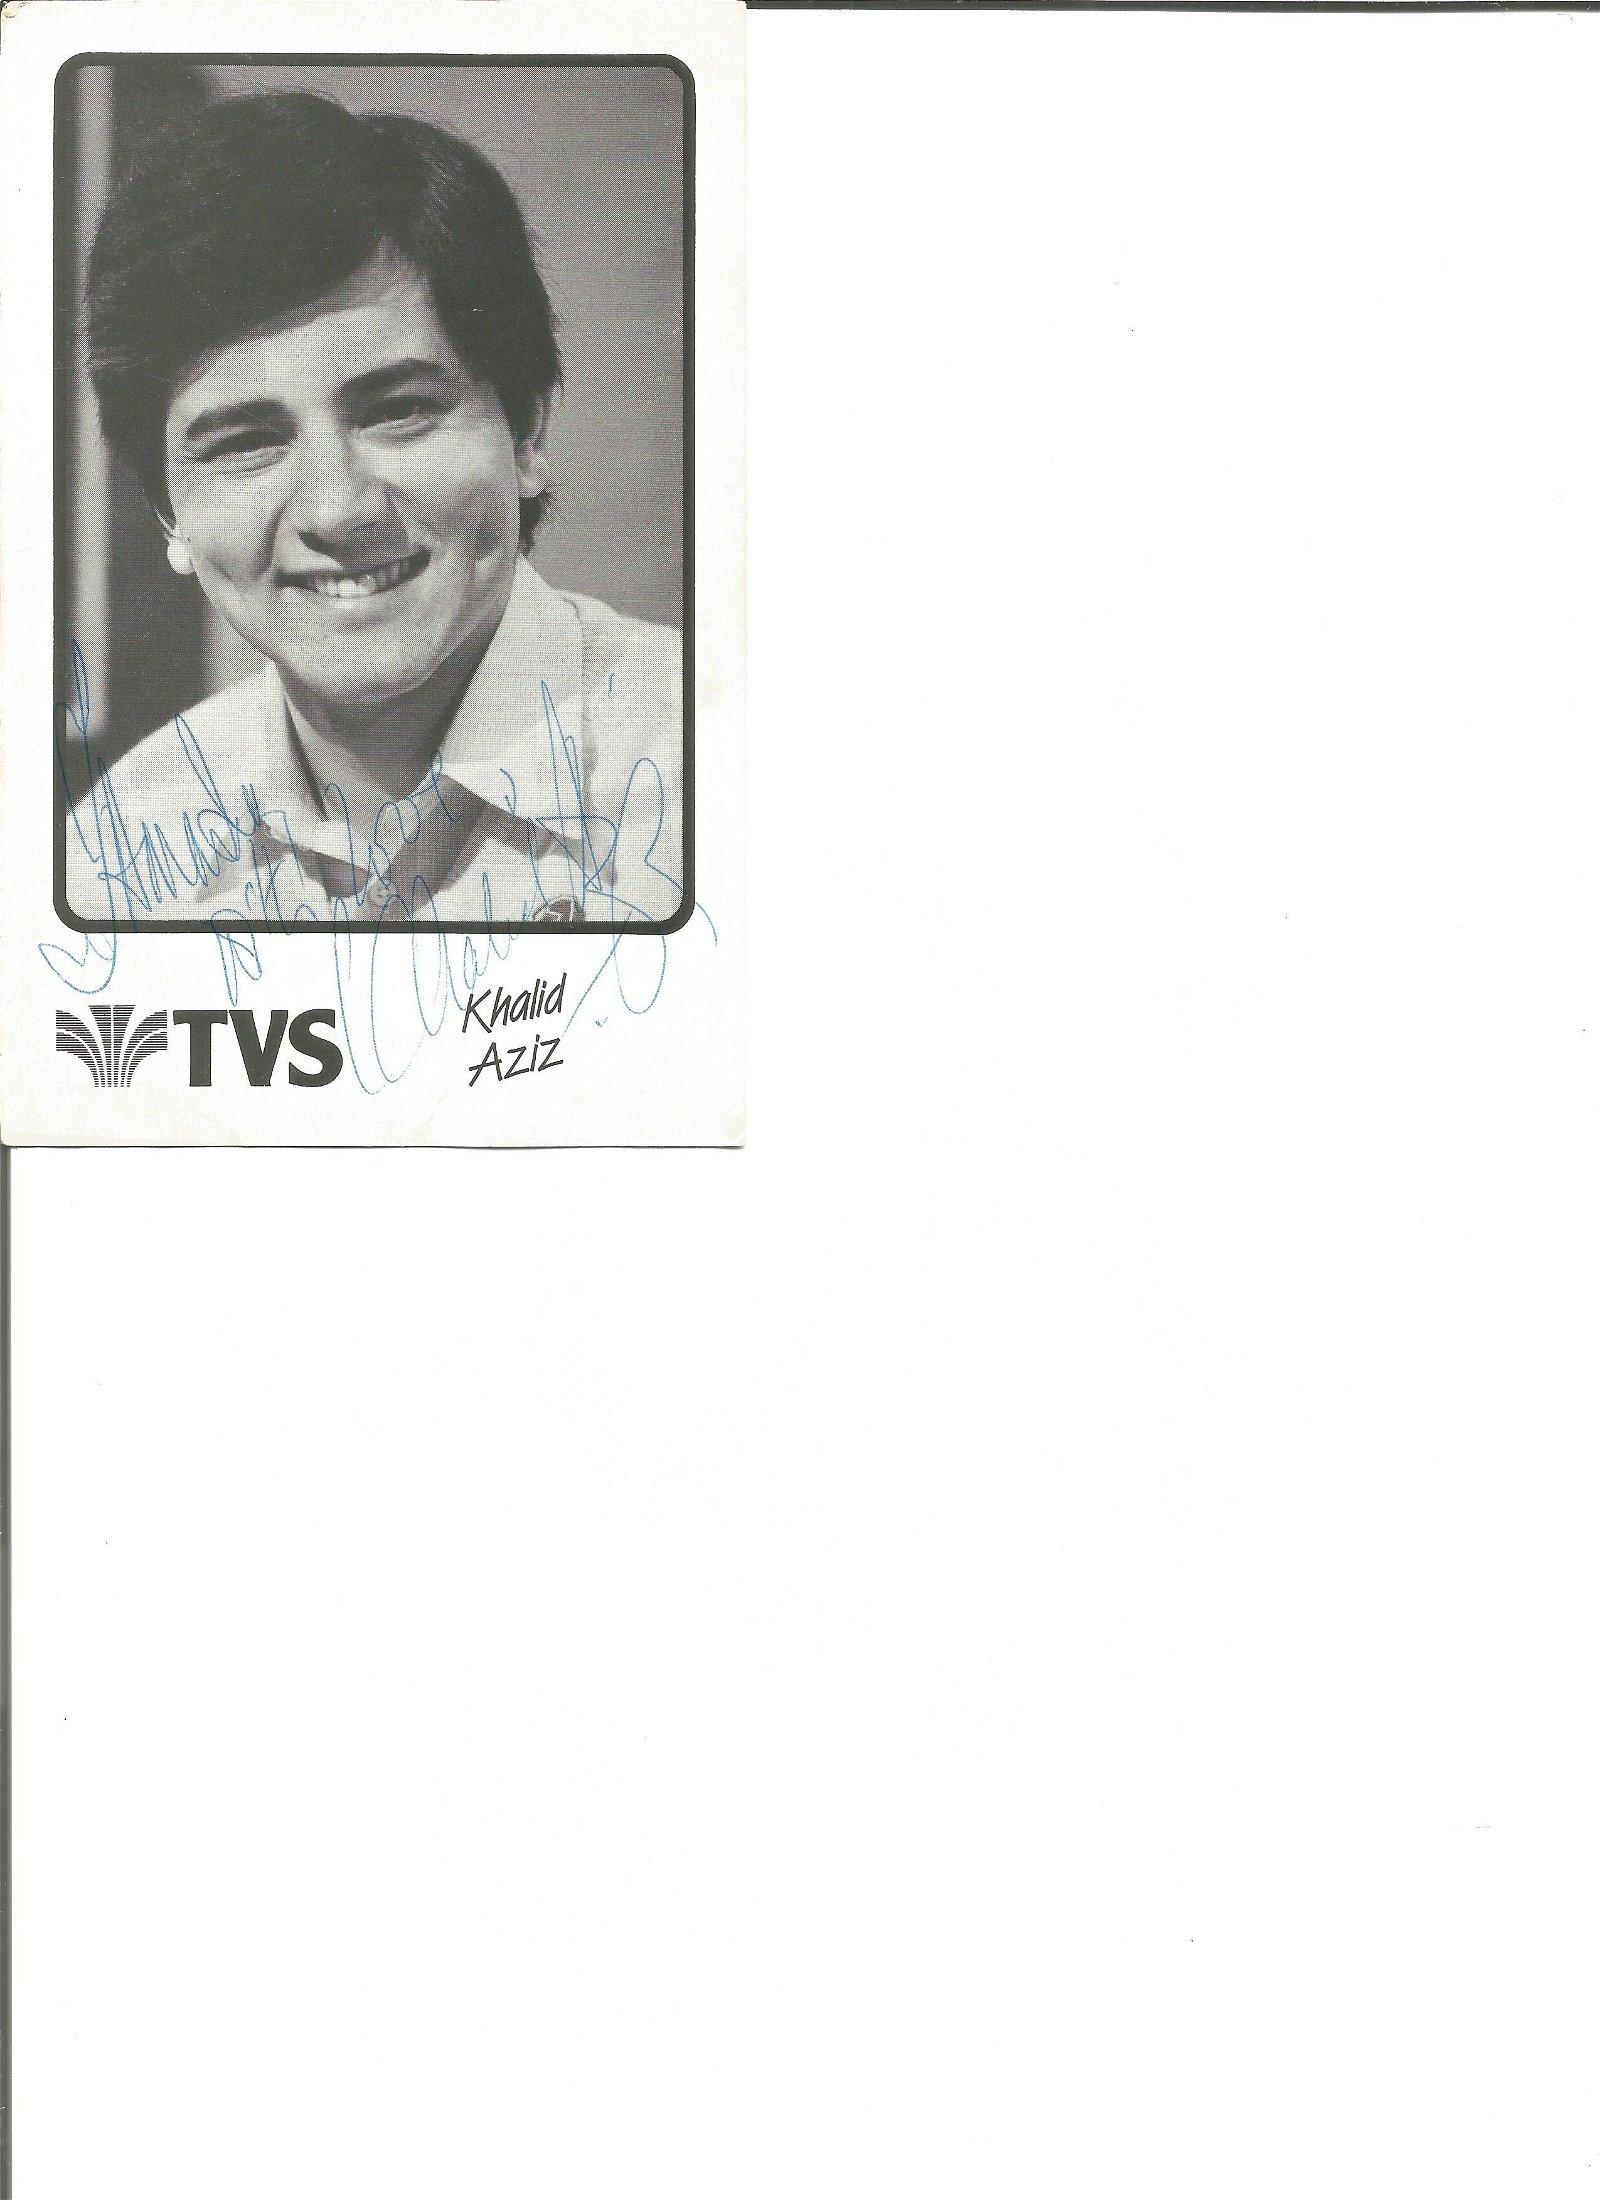 Khalid Aziz signed 6x4 black and white phot. Good